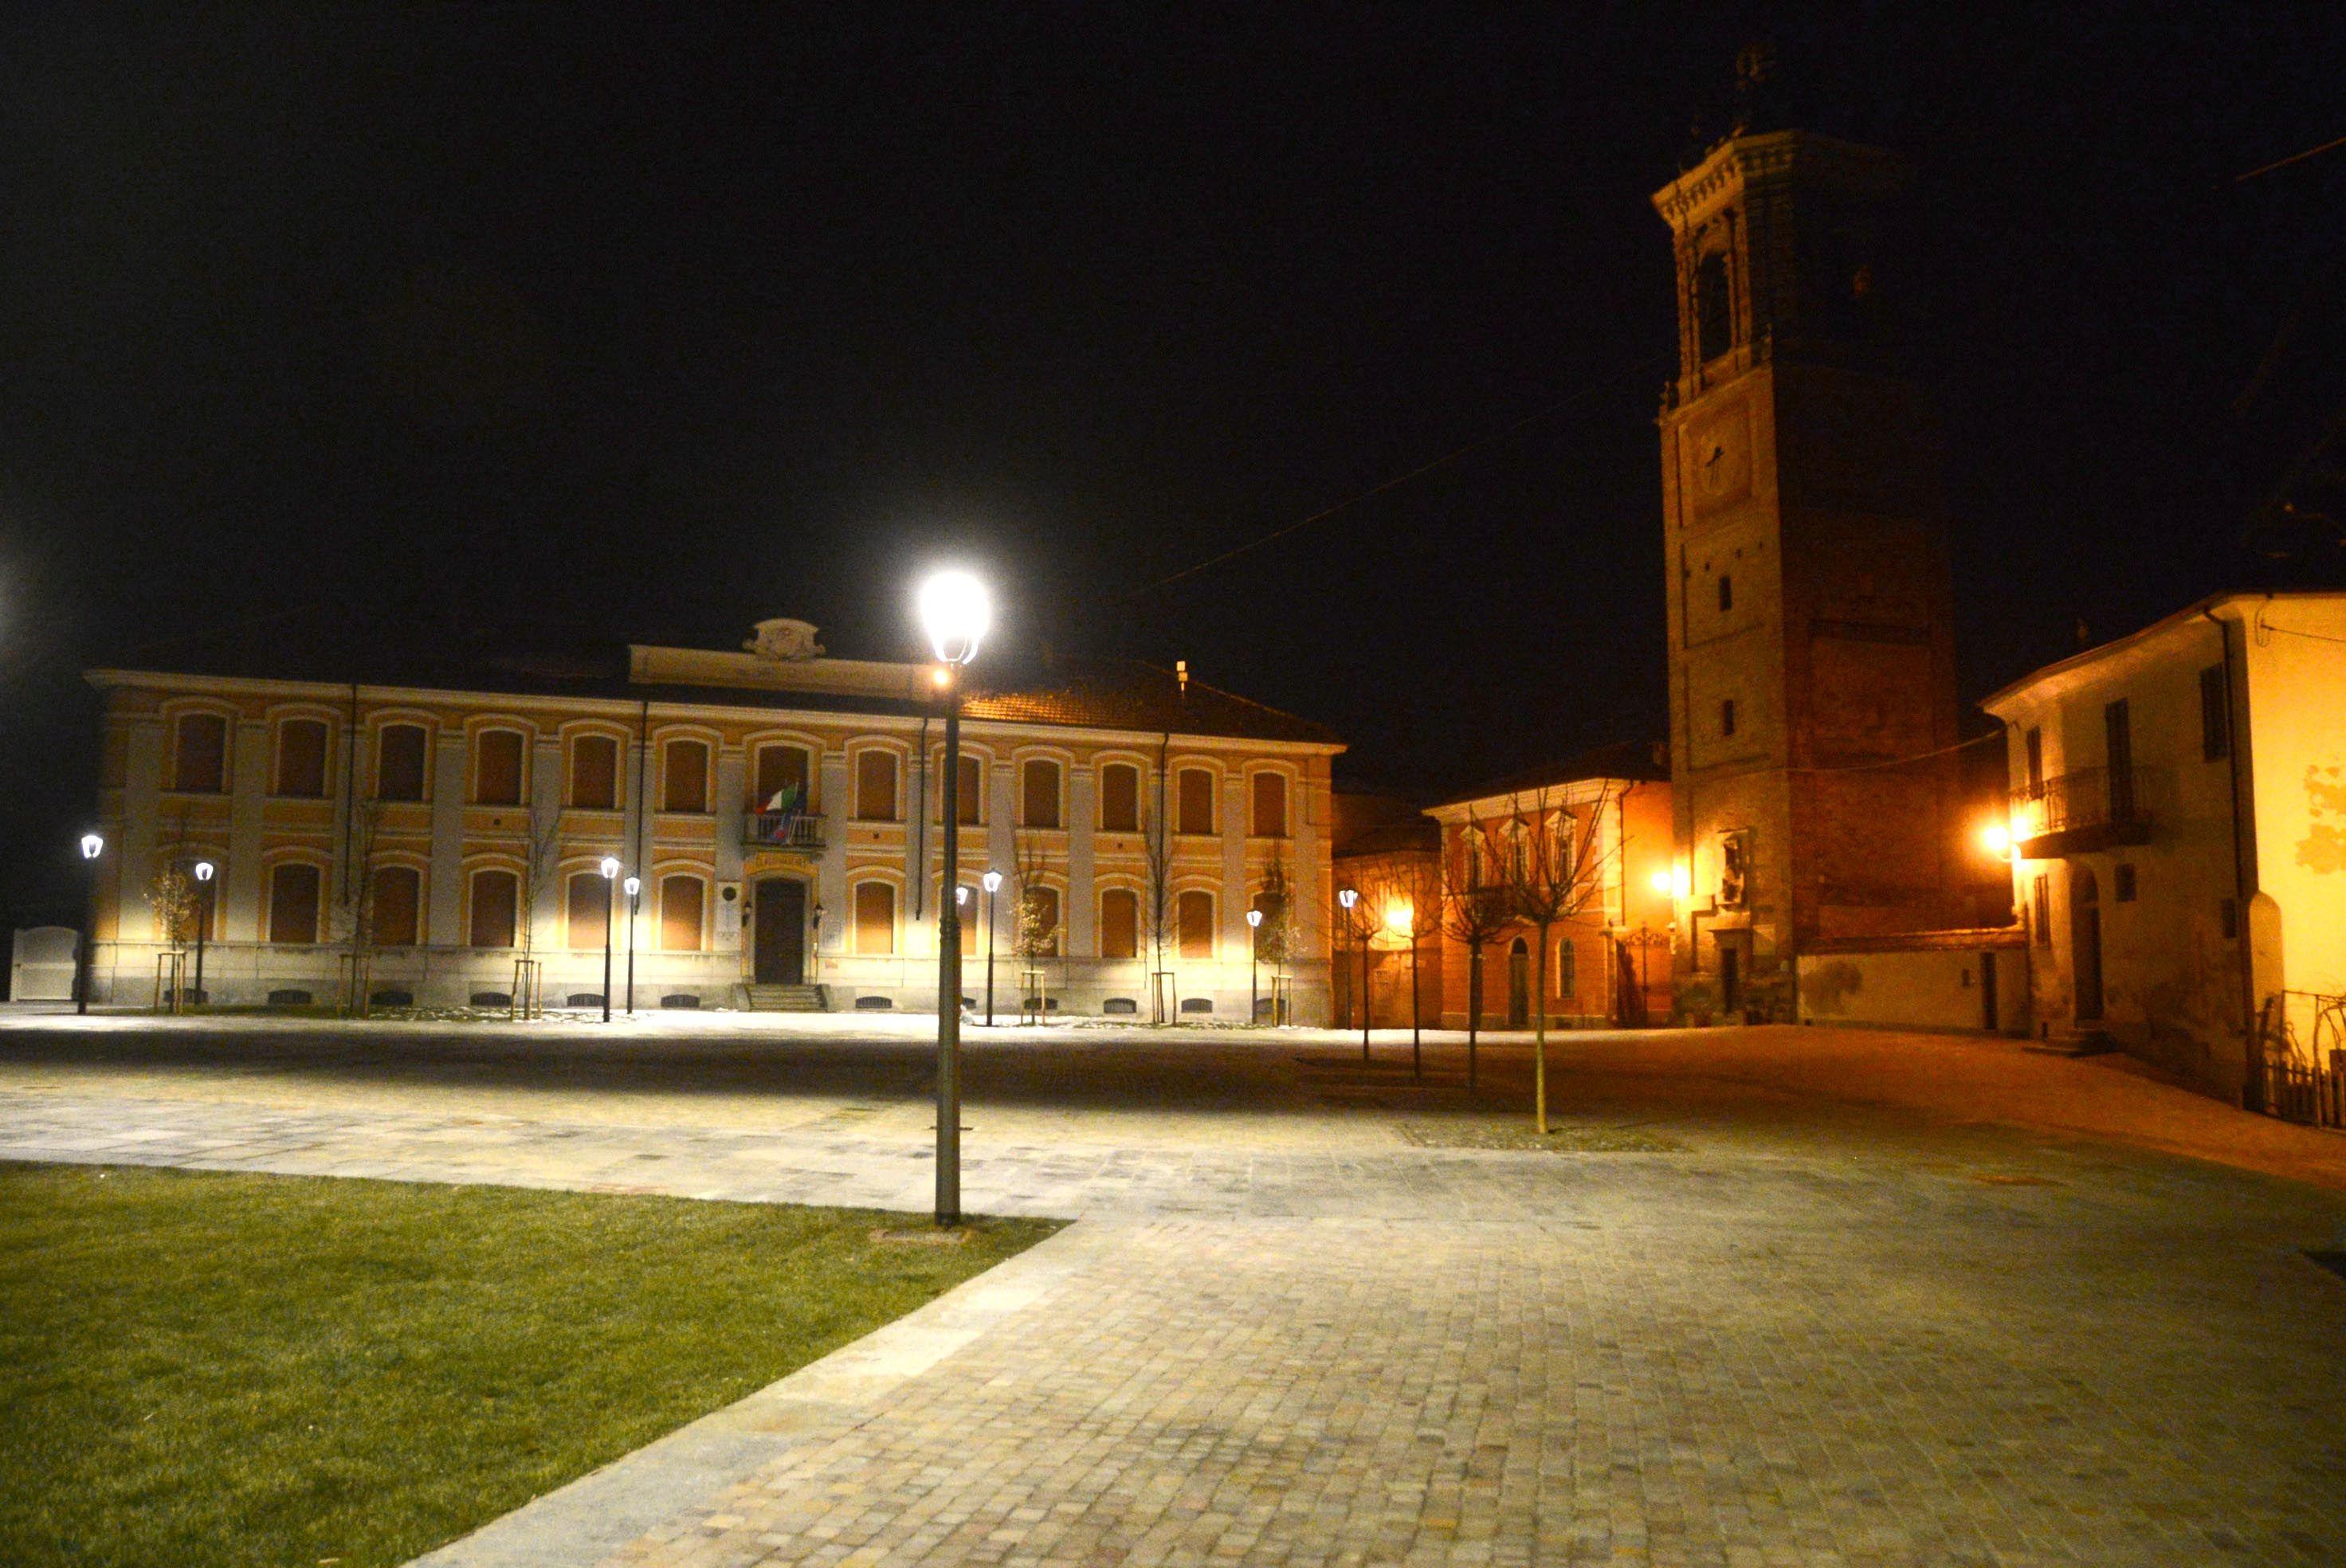 La Morra piazza castello di Notte